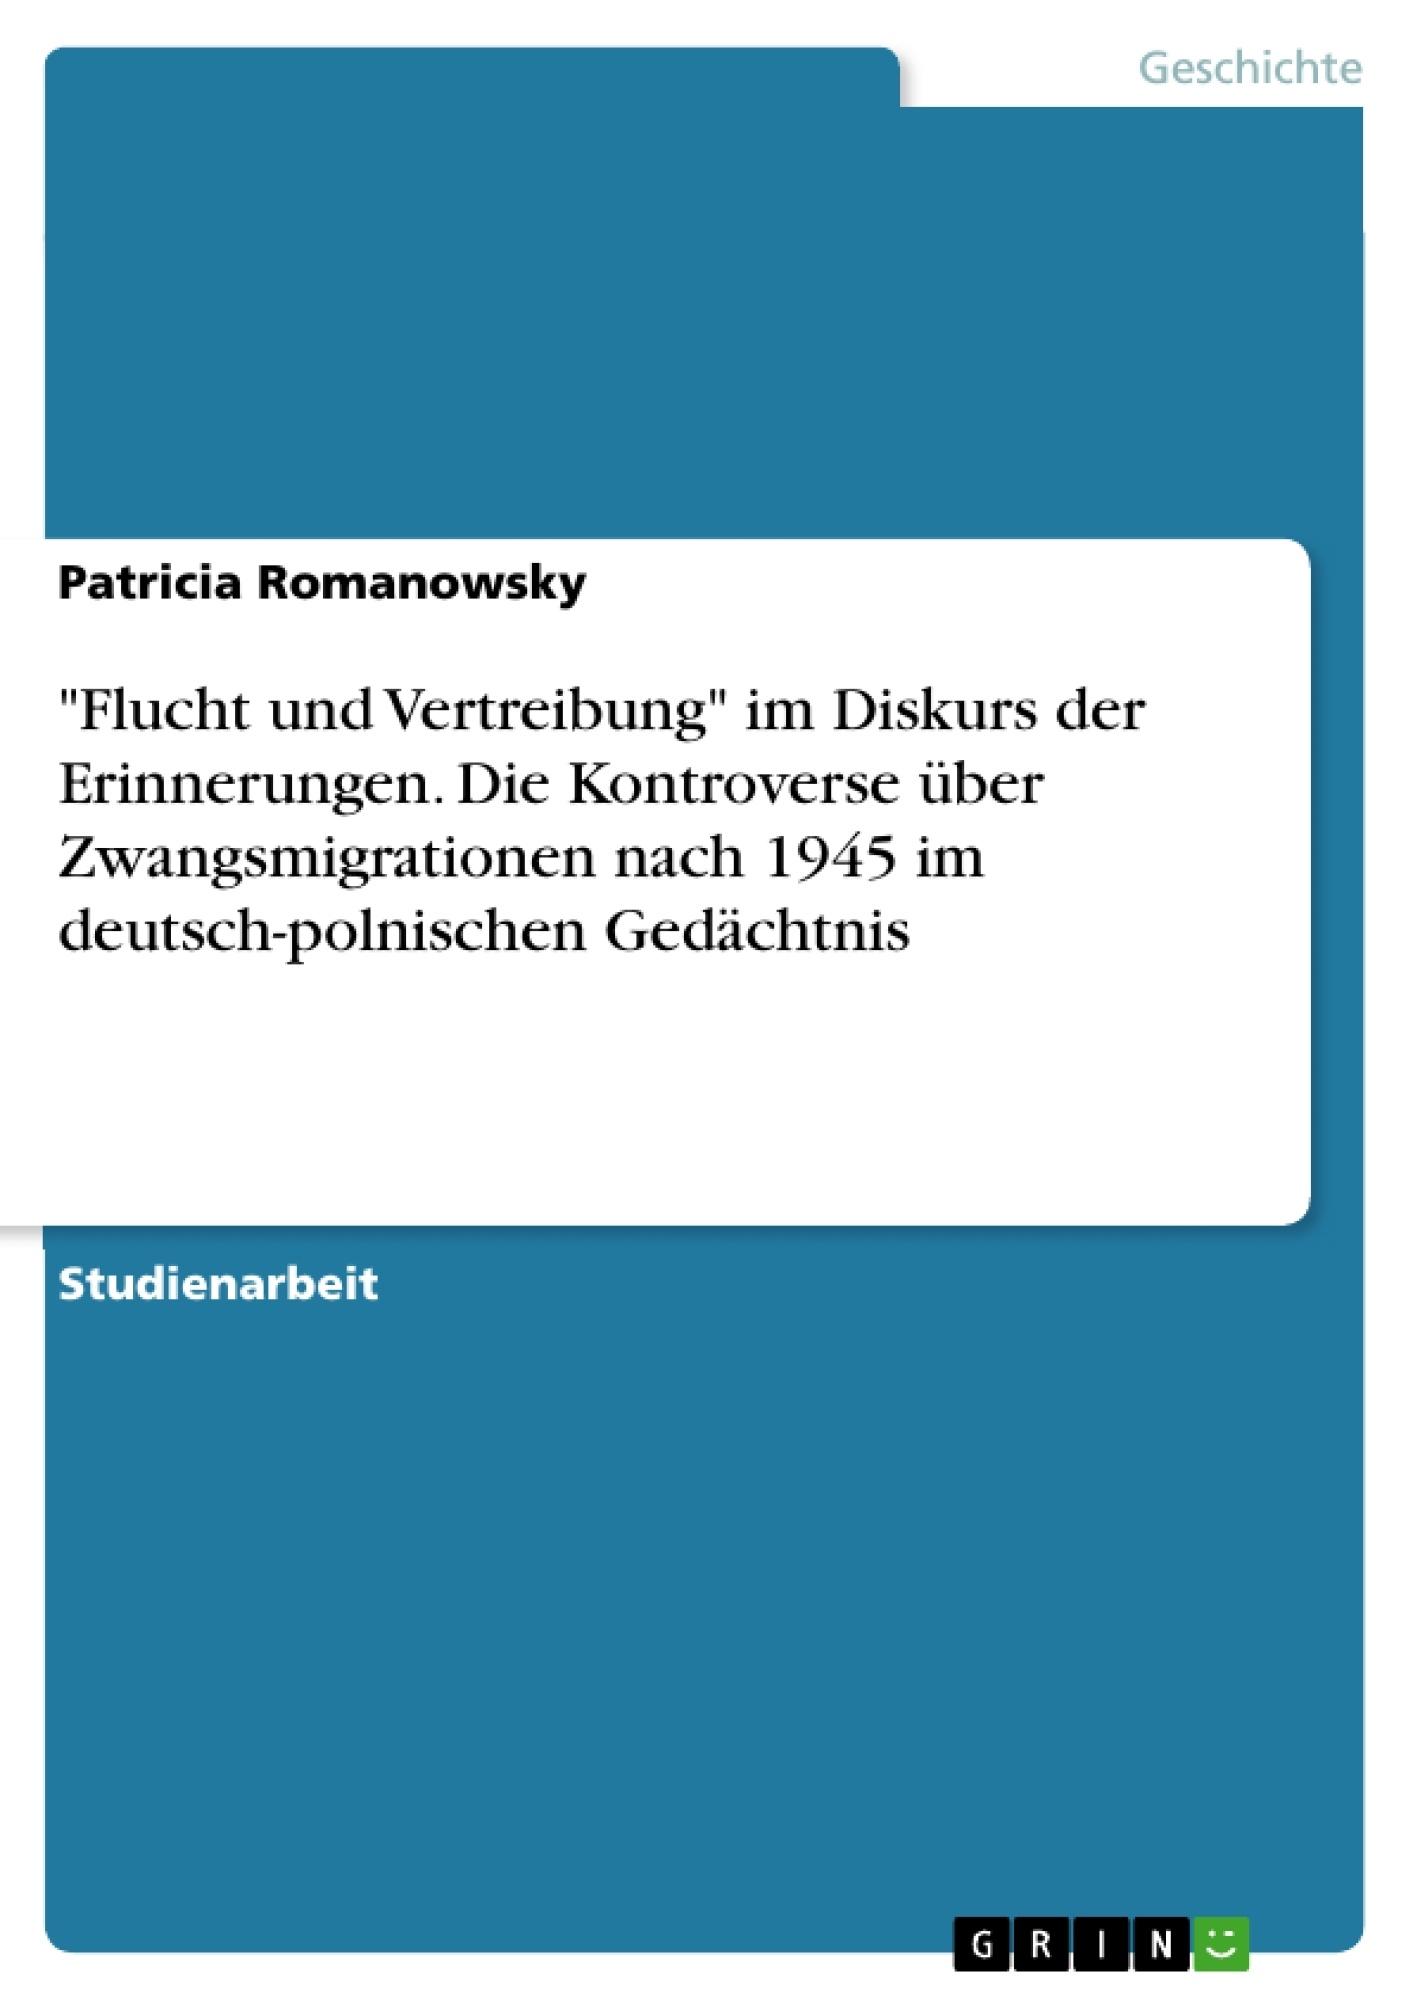 """Titel: """"Flucht und Vertreibung"""" im Diskurs der Erinnerungen. Die Kontroverse über Zwangsmigrationen nach 1945 im deutsch-polnischen Gedächtnis"""